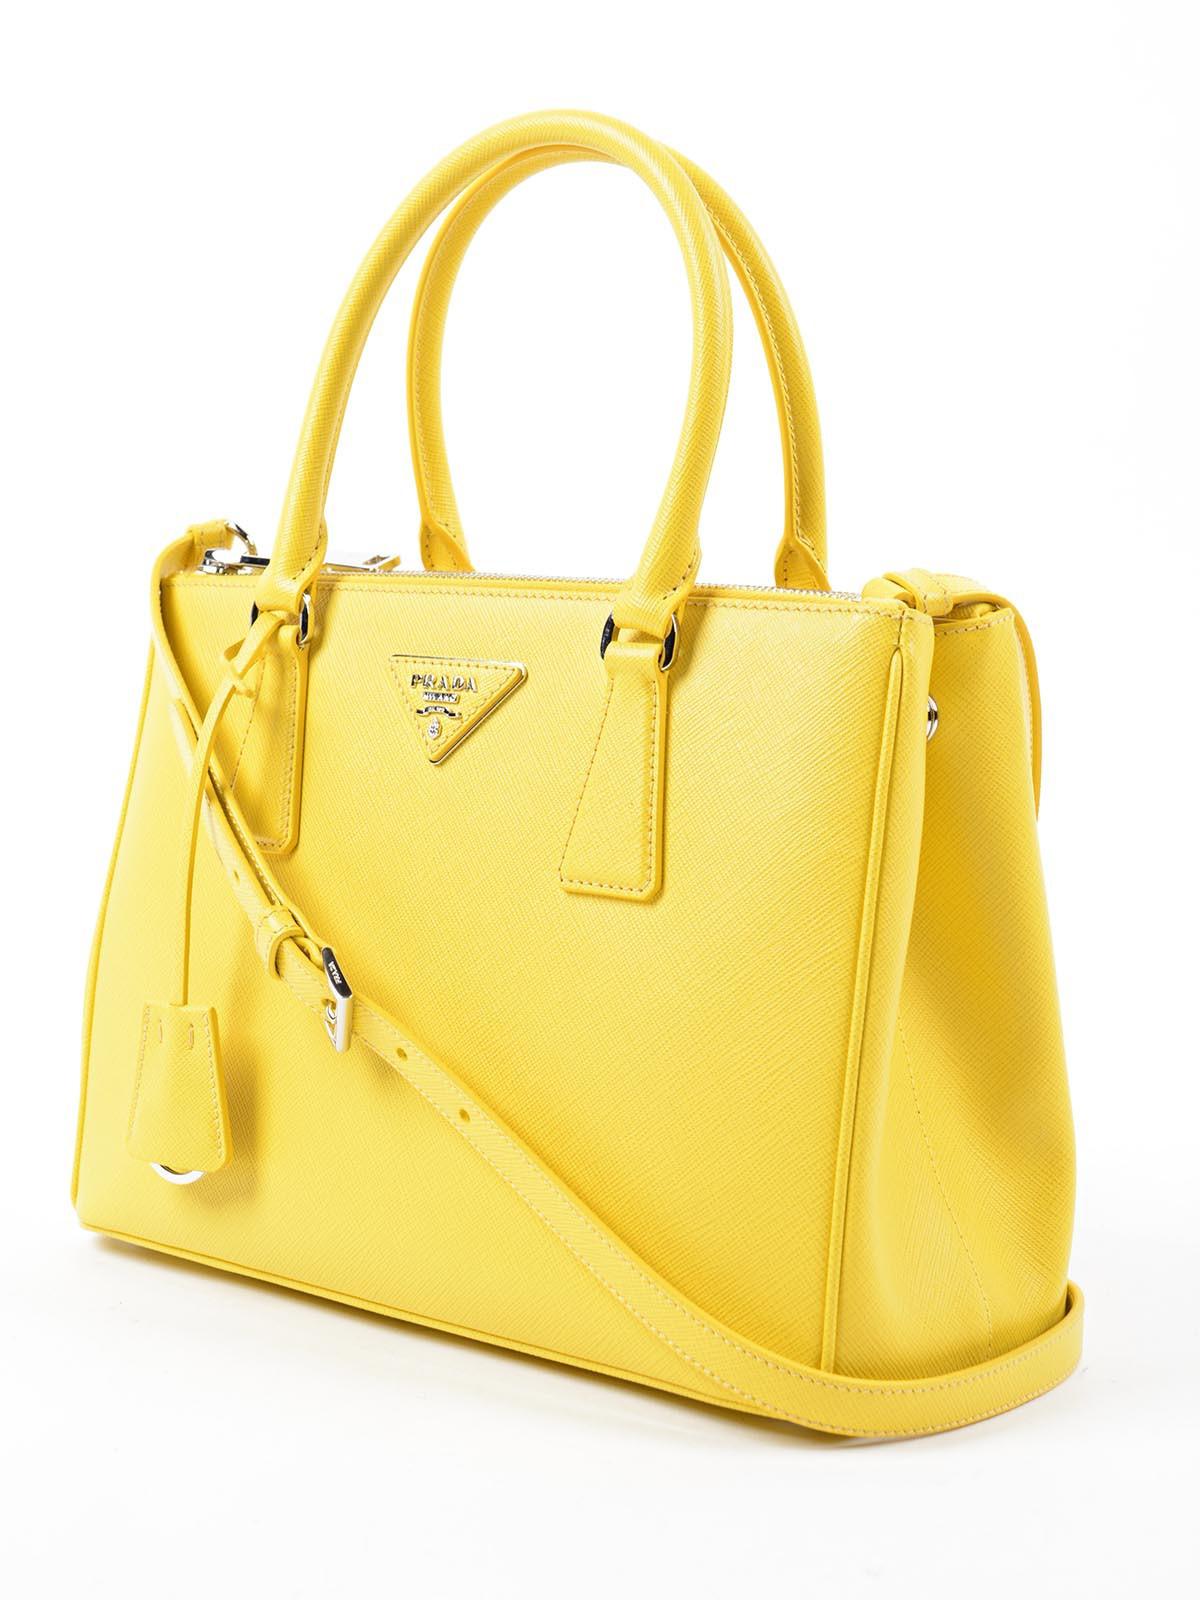 prada canvas handbag - Prada Saffiano Lux in Yellow (Dlc Sole 1) | Lyst